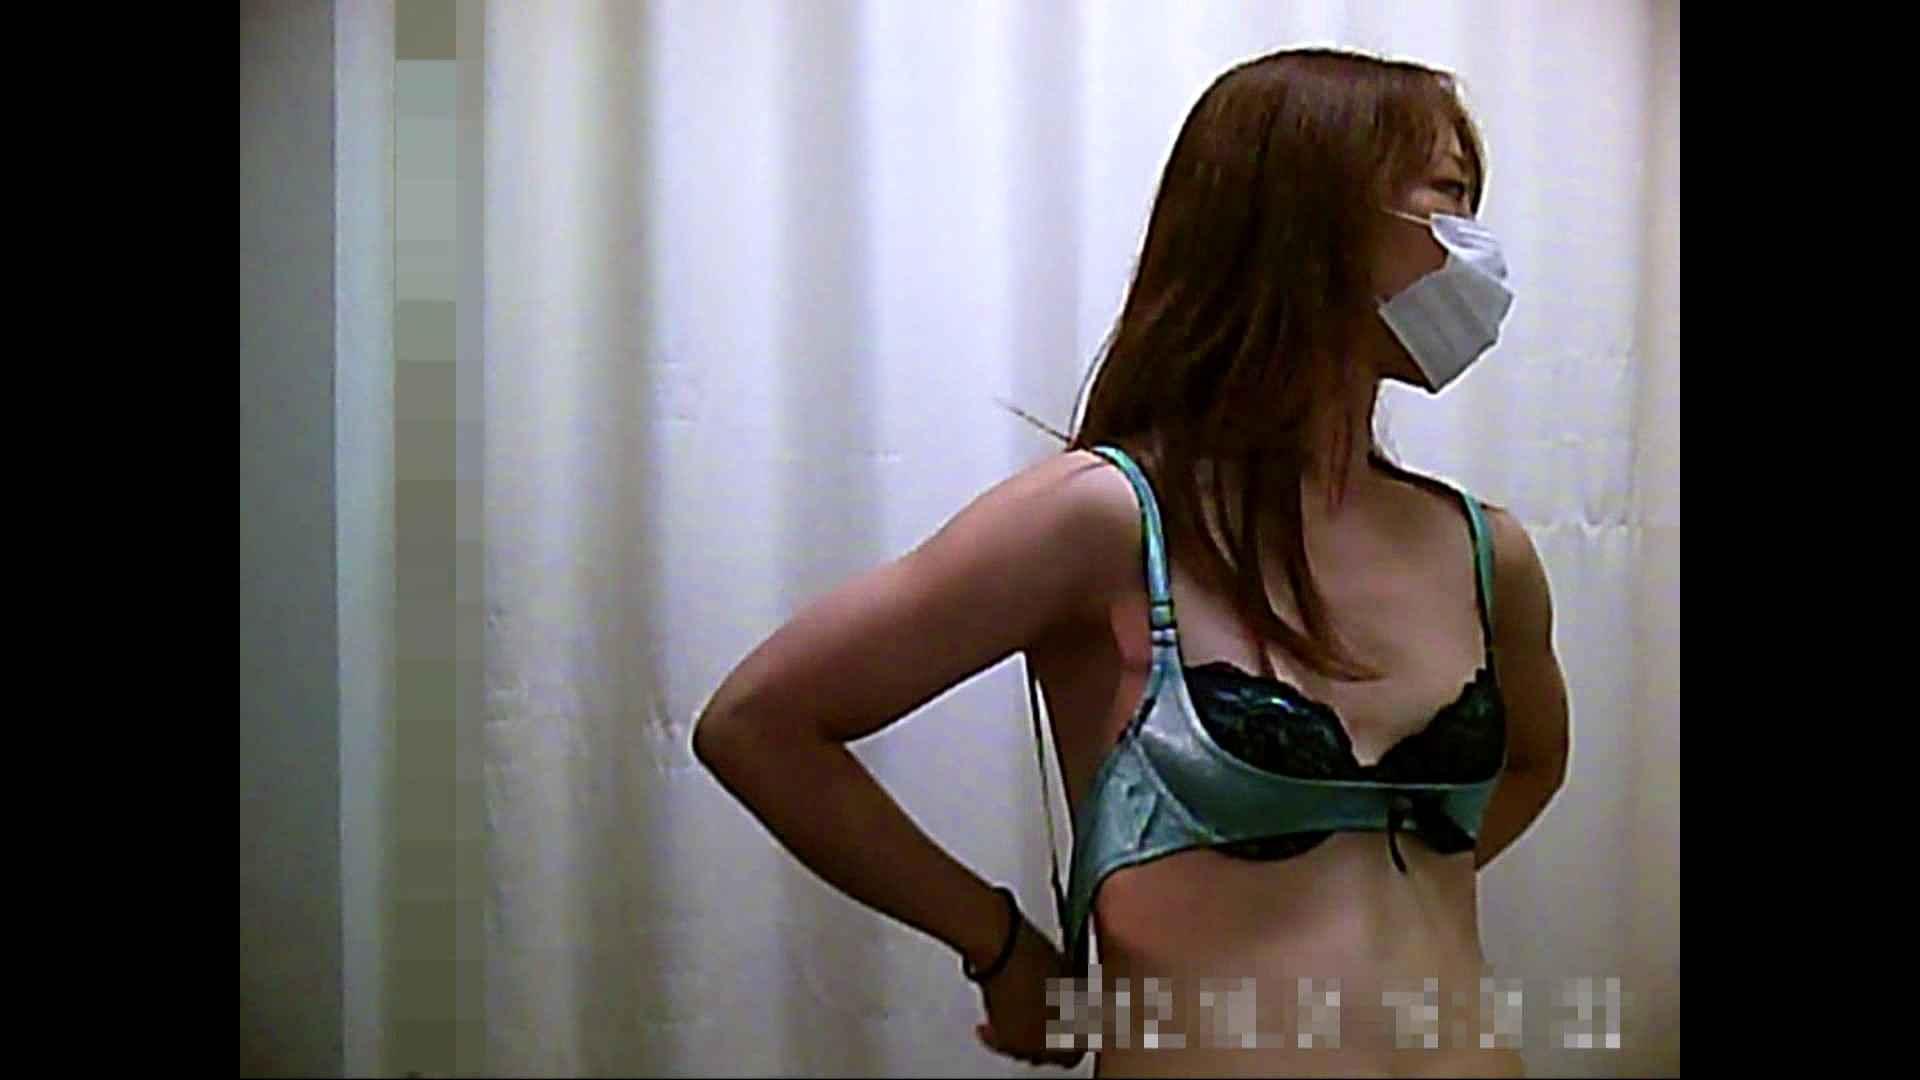 病院おもいっきり着替え! vol.226 貧乳編 盗撮動画紹介 95画像 55